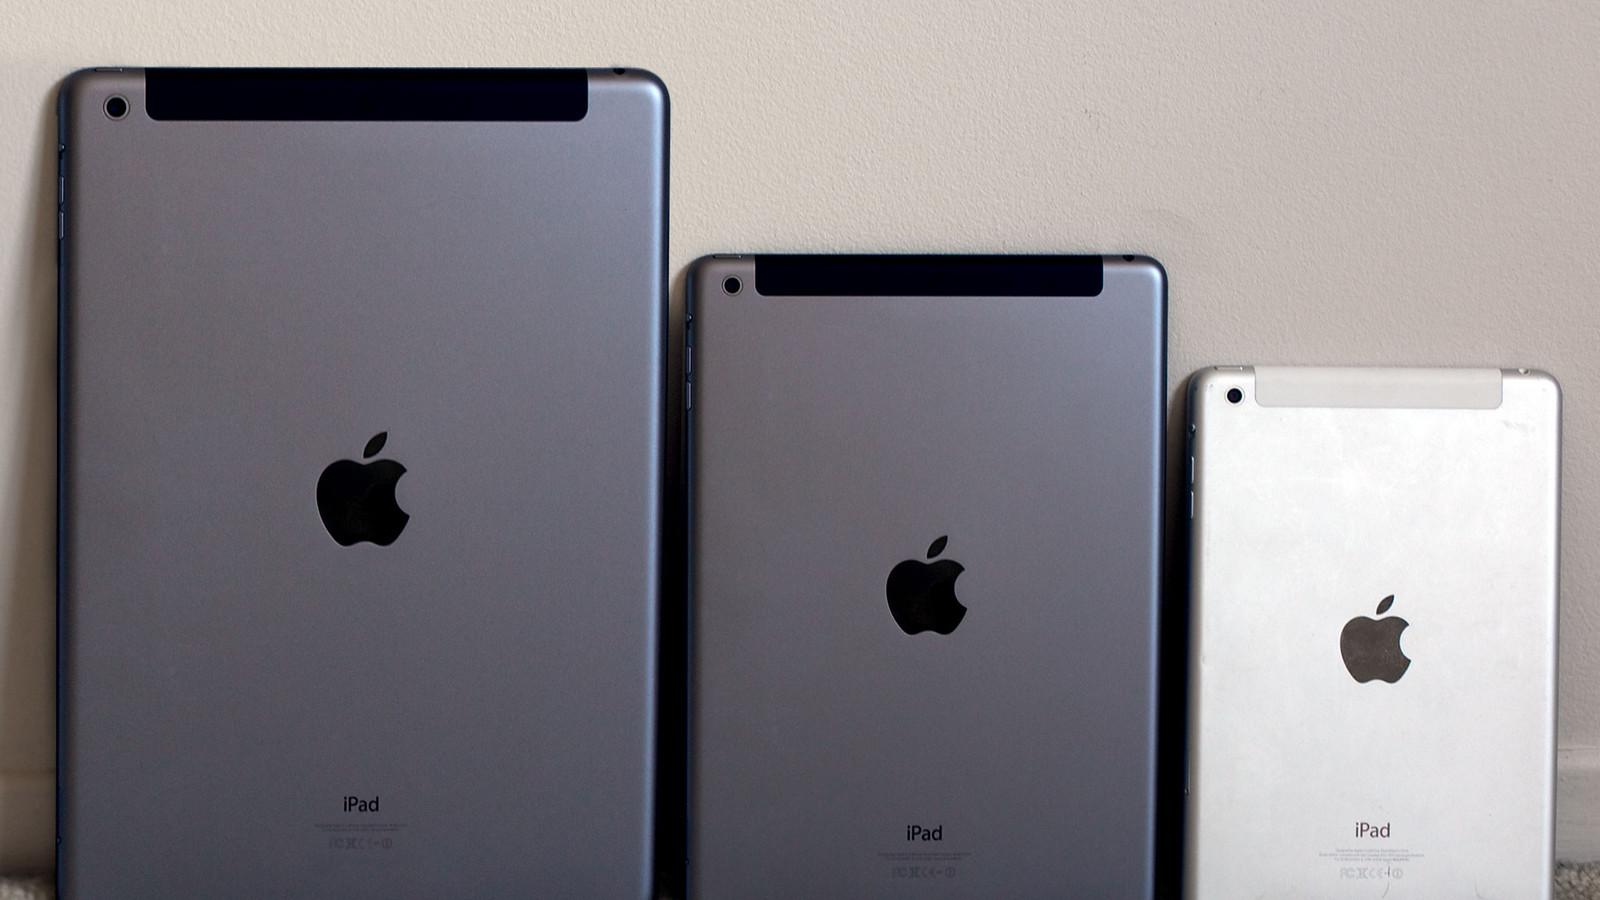 Largest Size iPad Mockup Leaks